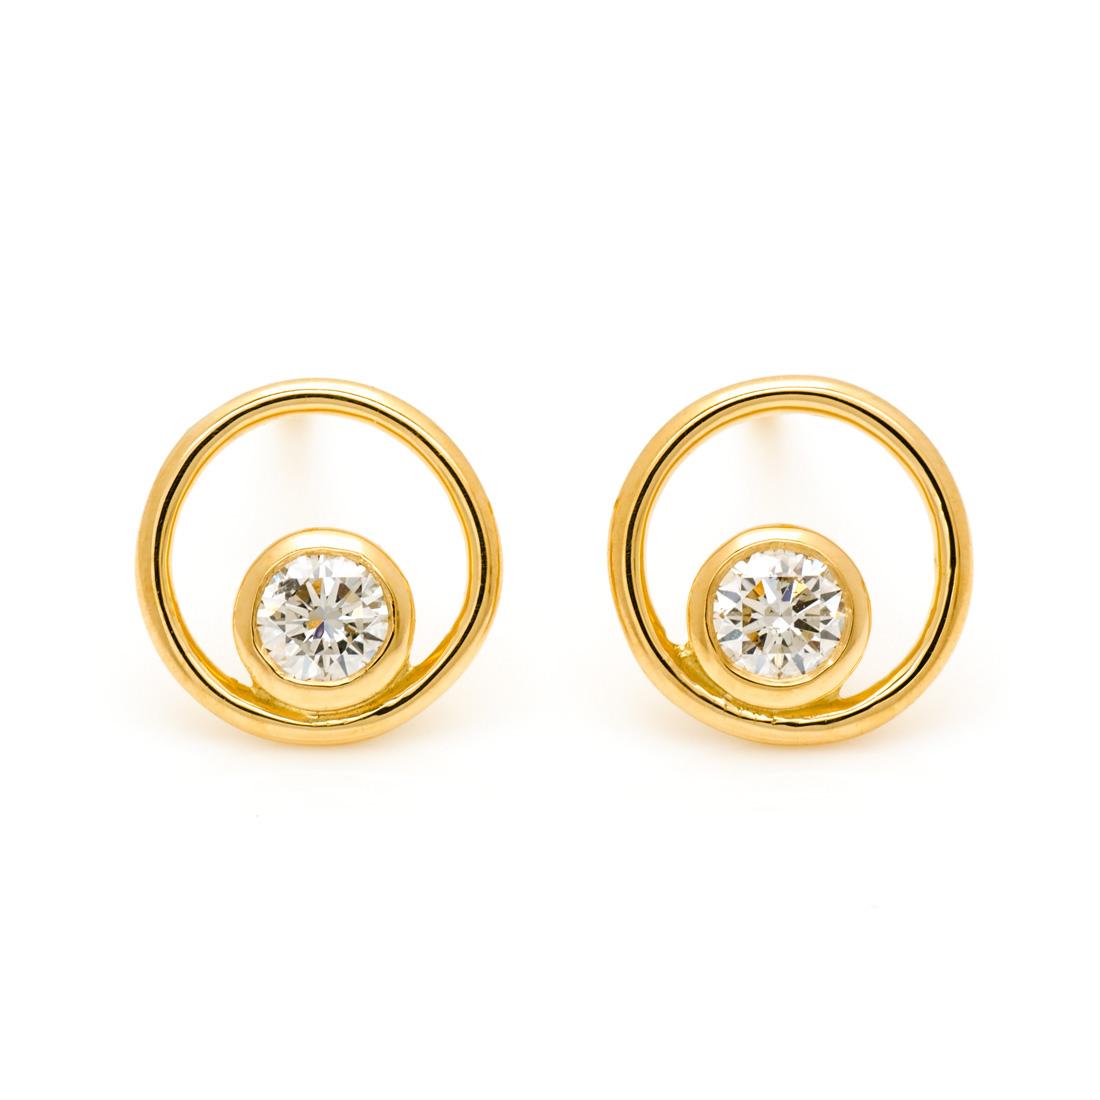 【GWクーポン配布中】スタッドピアス ダイヤモンド 0.13ct 「circle」 ゴールド K18 送料無料